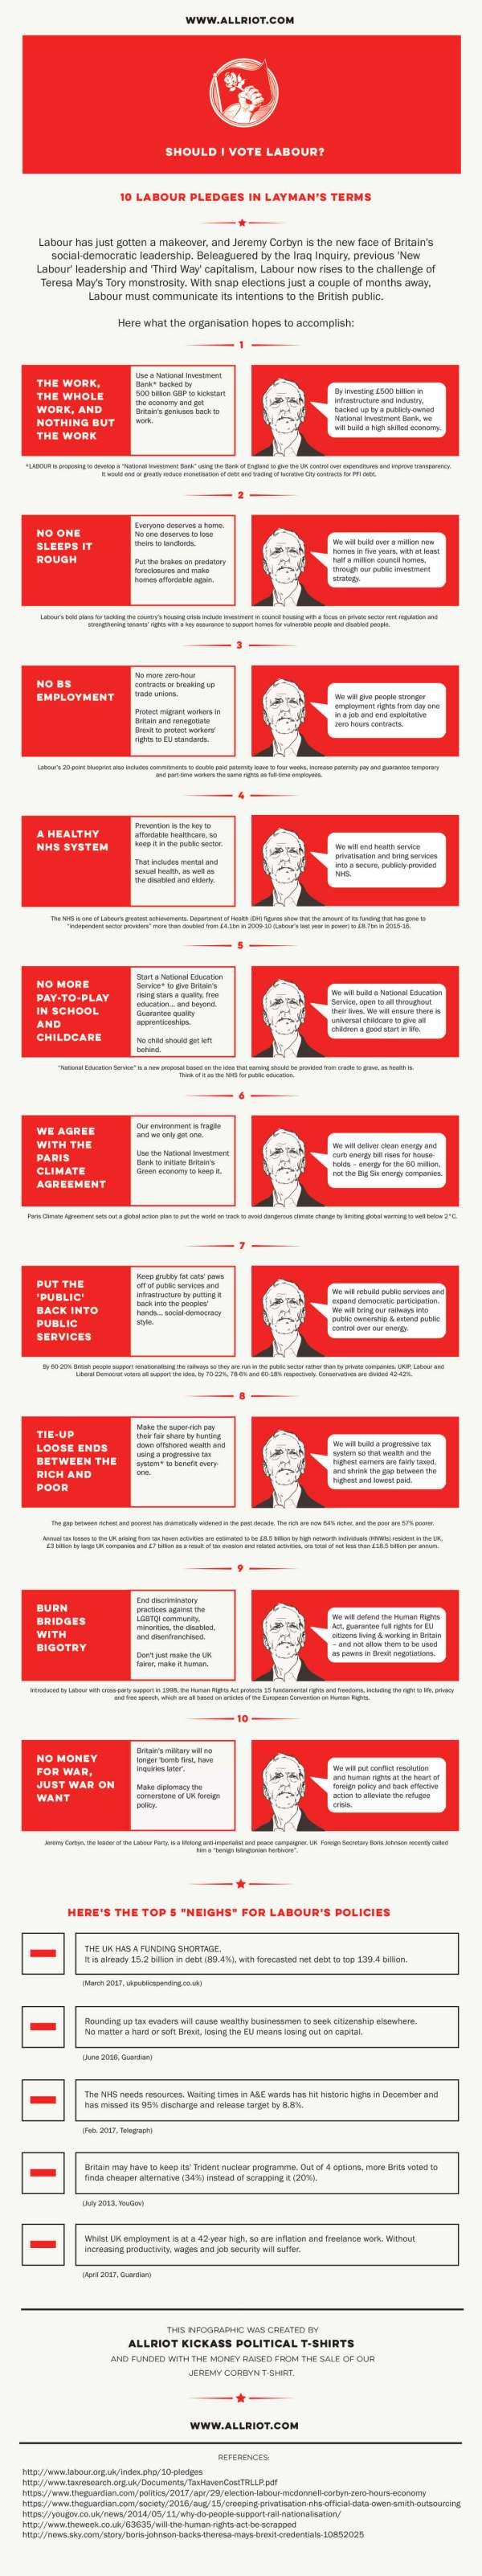 labour-party-pledges-2017-infographic-allriot